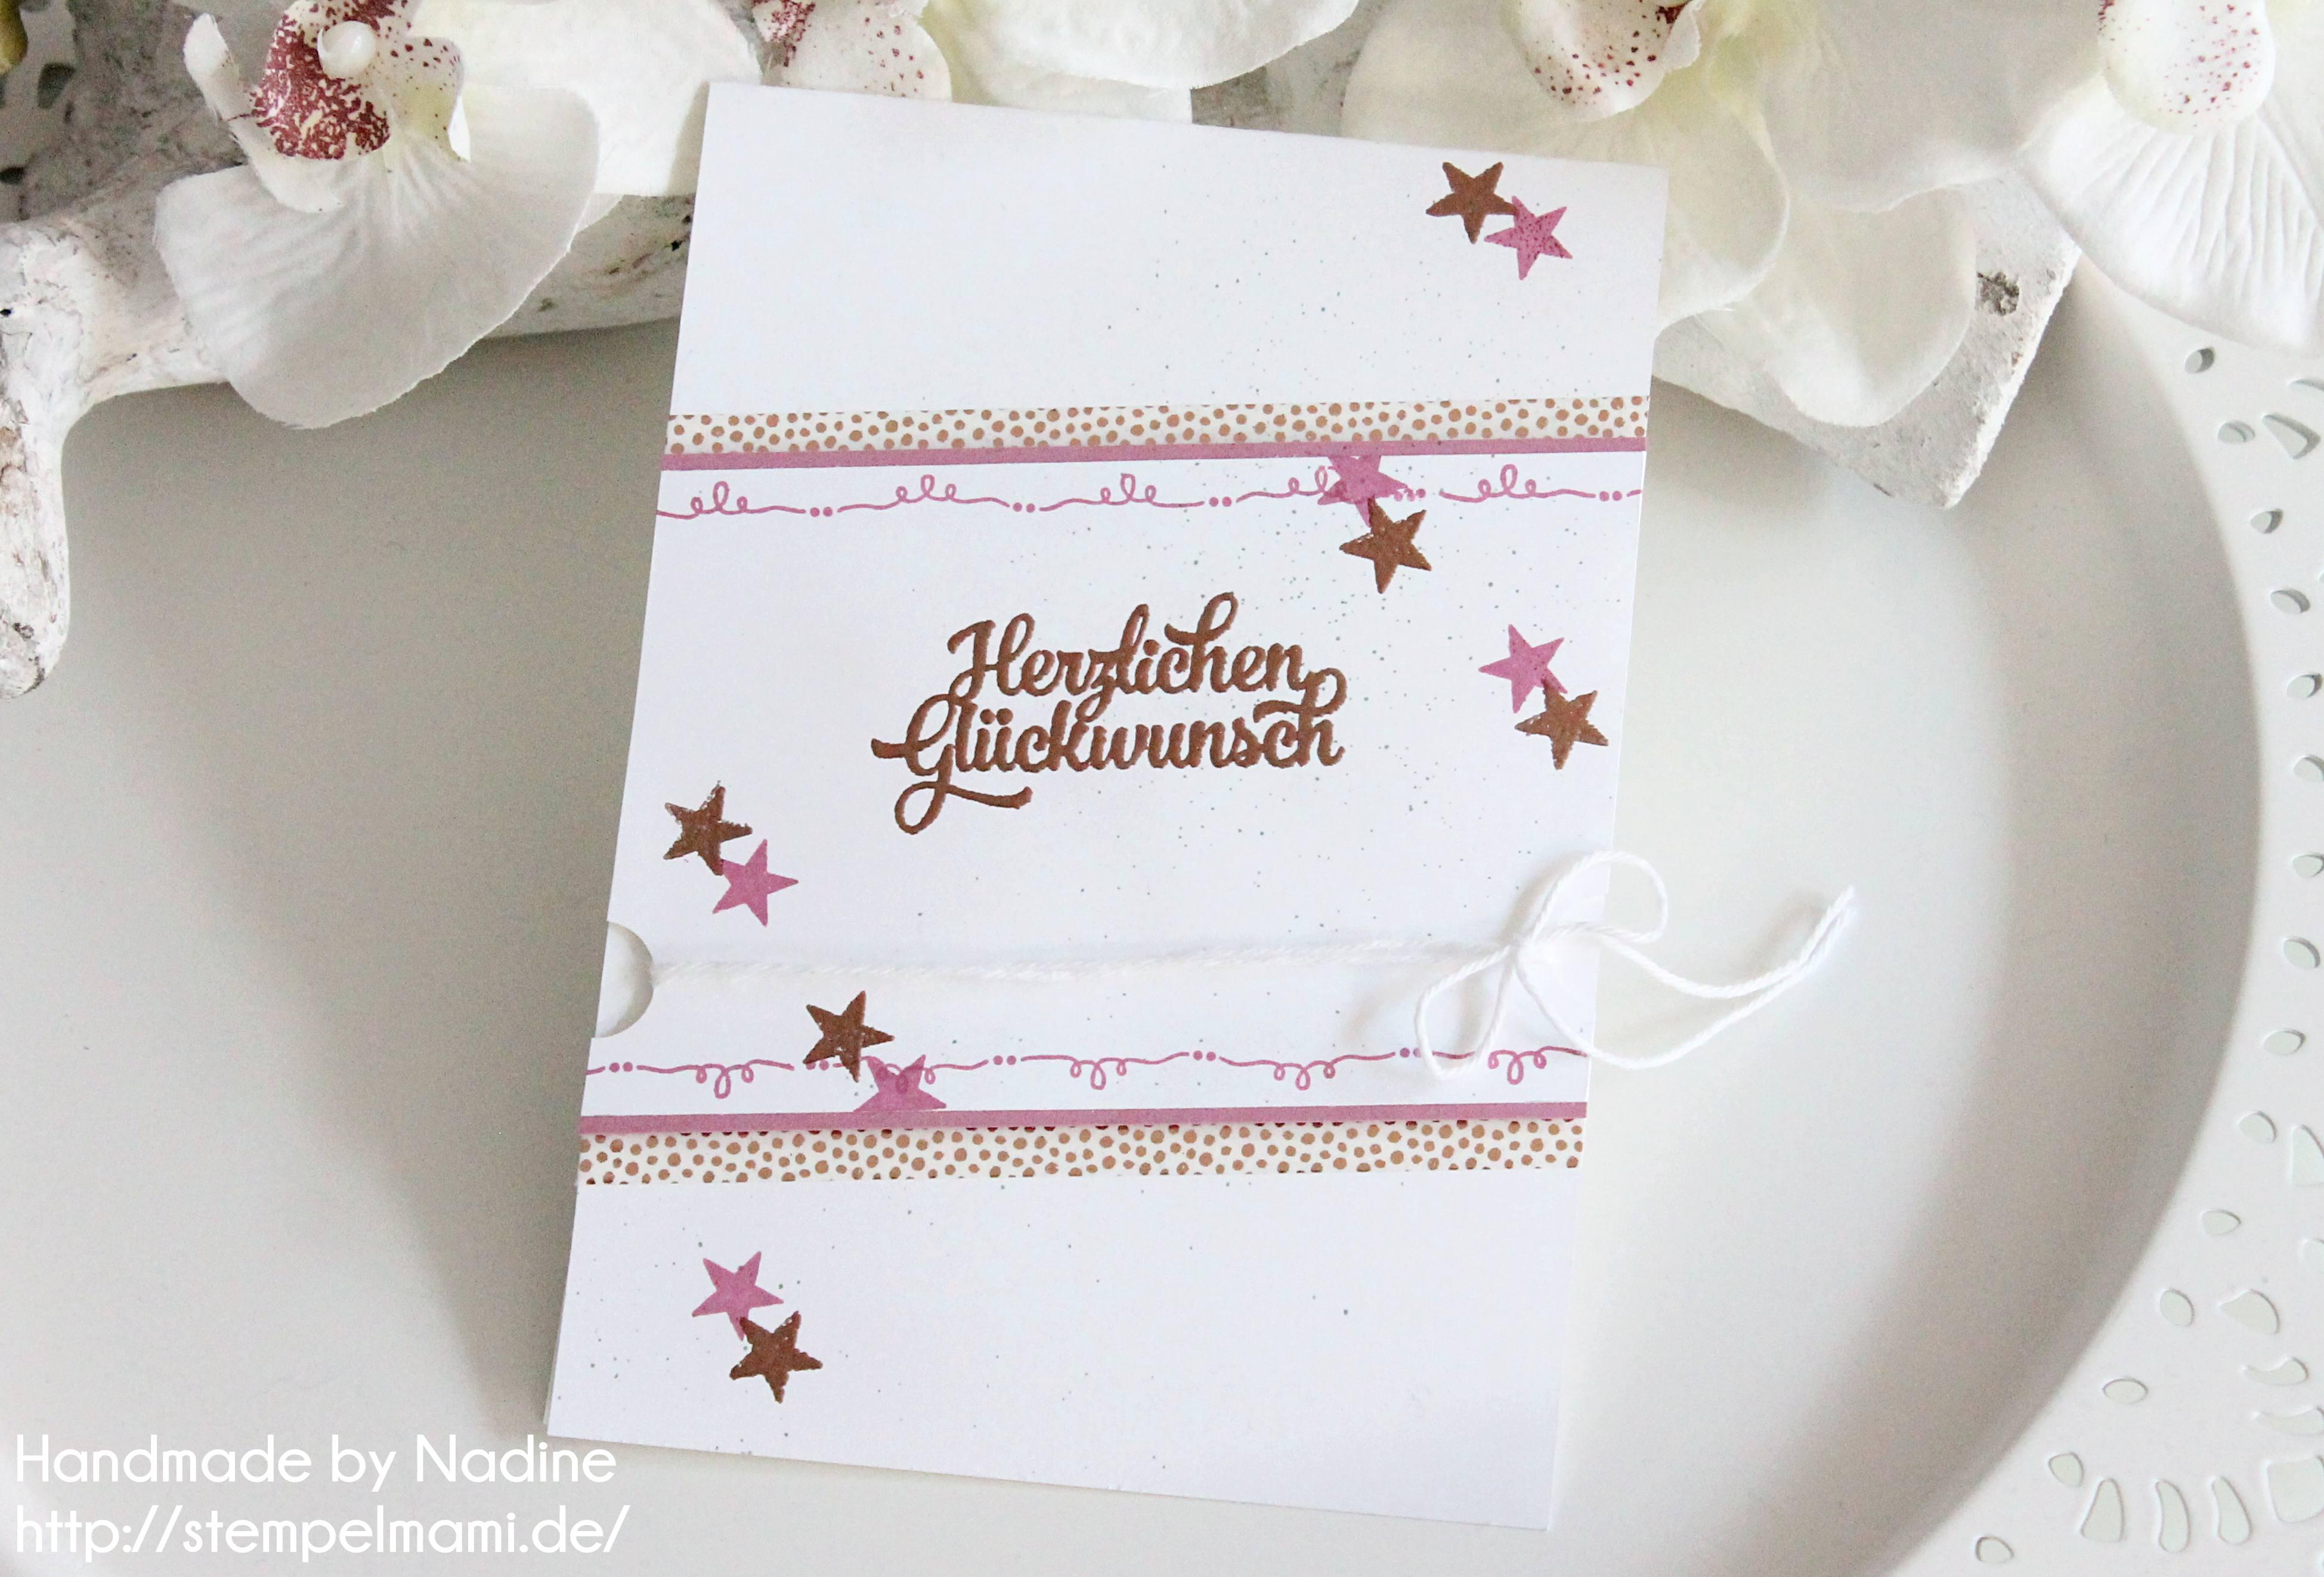 Geburtstagskarte mit kupfer embosst basteln mit stempelmami for Pinterest geburtstagskarte